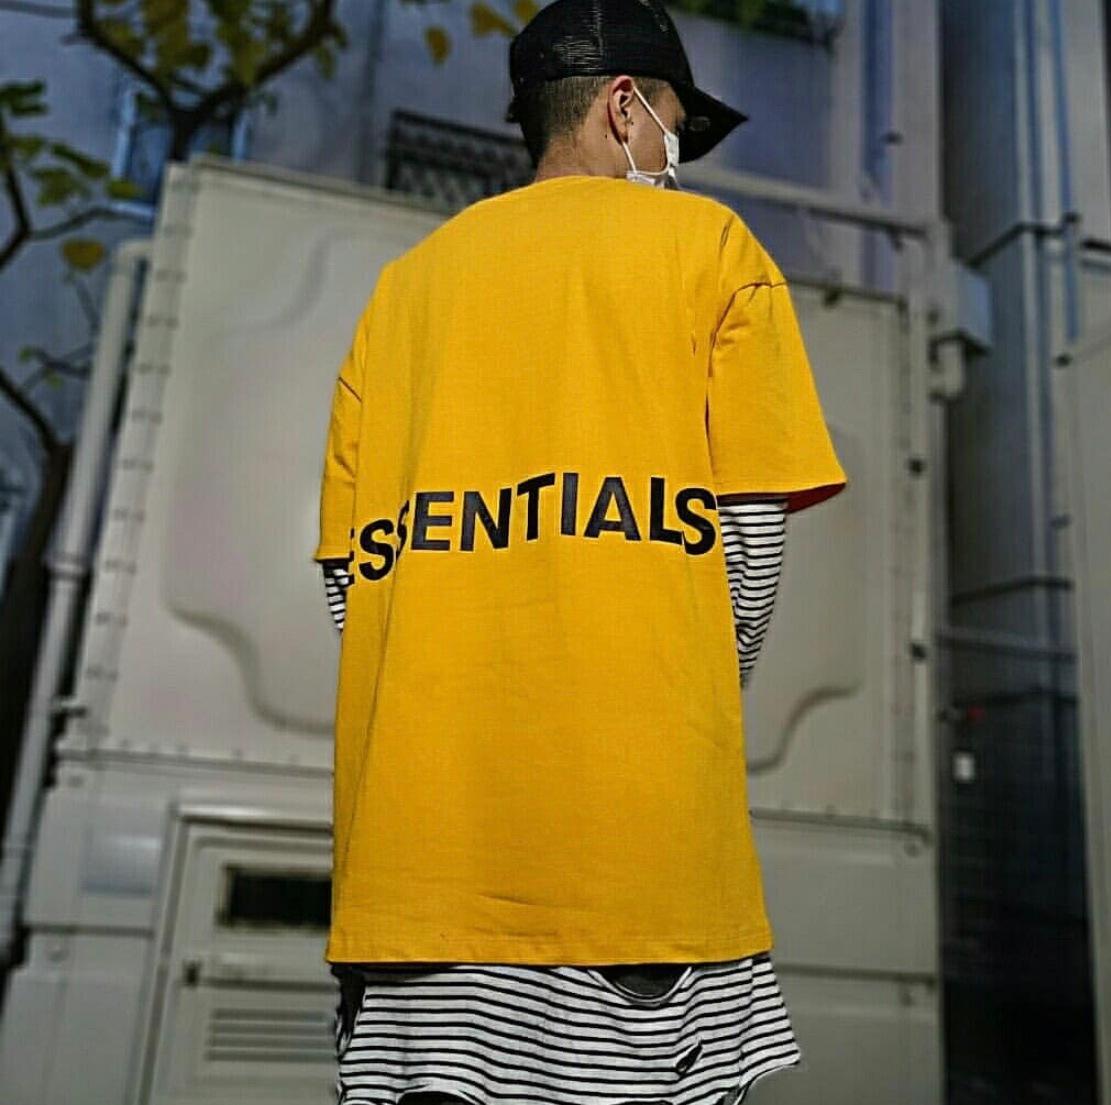 FOG 캔디 컬러 디자이너 반사 편지 캐주얼 짧은 소매 티 고품질 남성과 여성 여름 인기 커플 T 셔츠